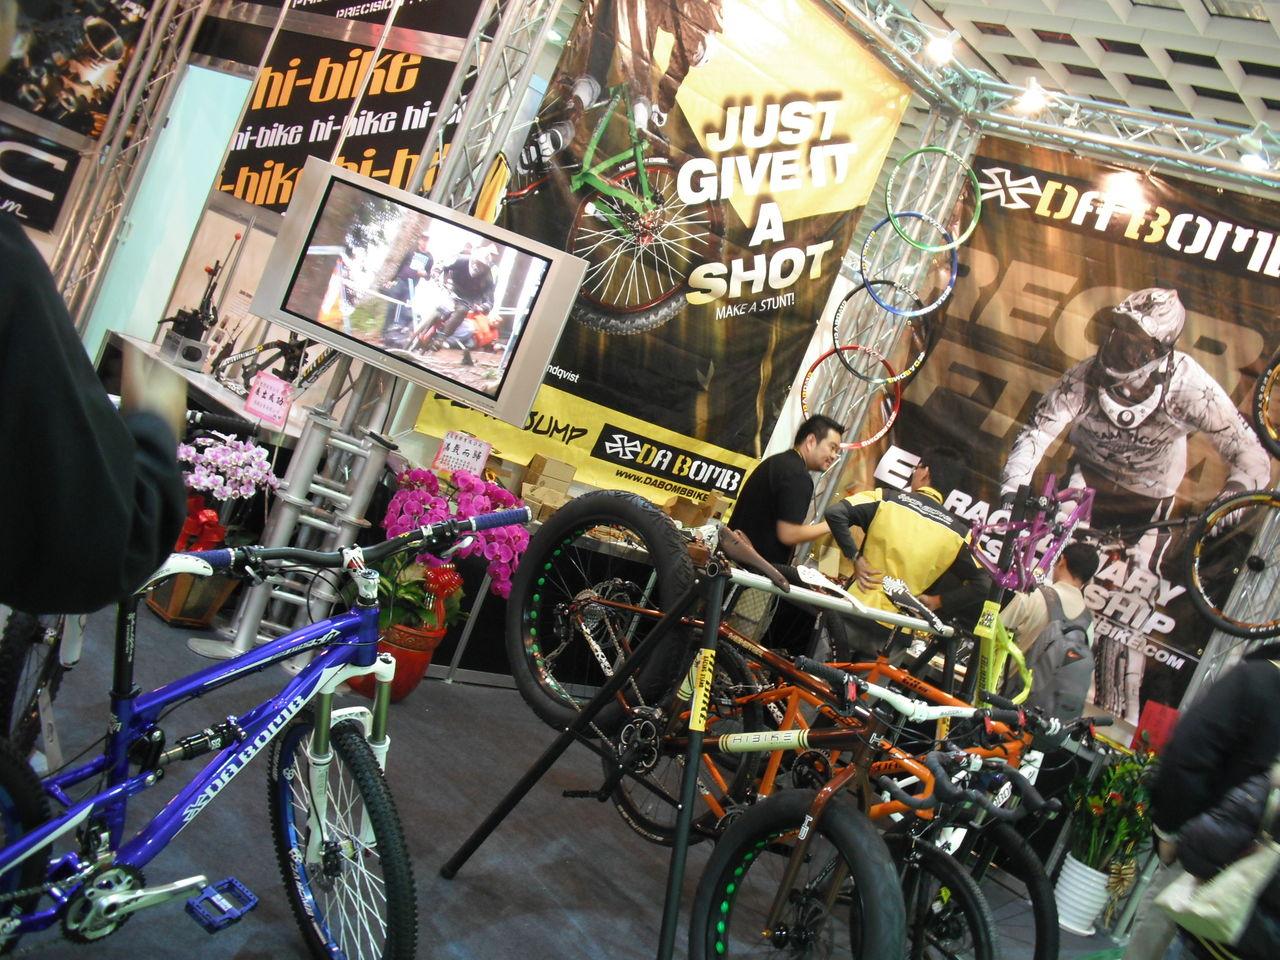 自転車の 自転車 台北 レンタル : ... 自転車の出店が目立ちました